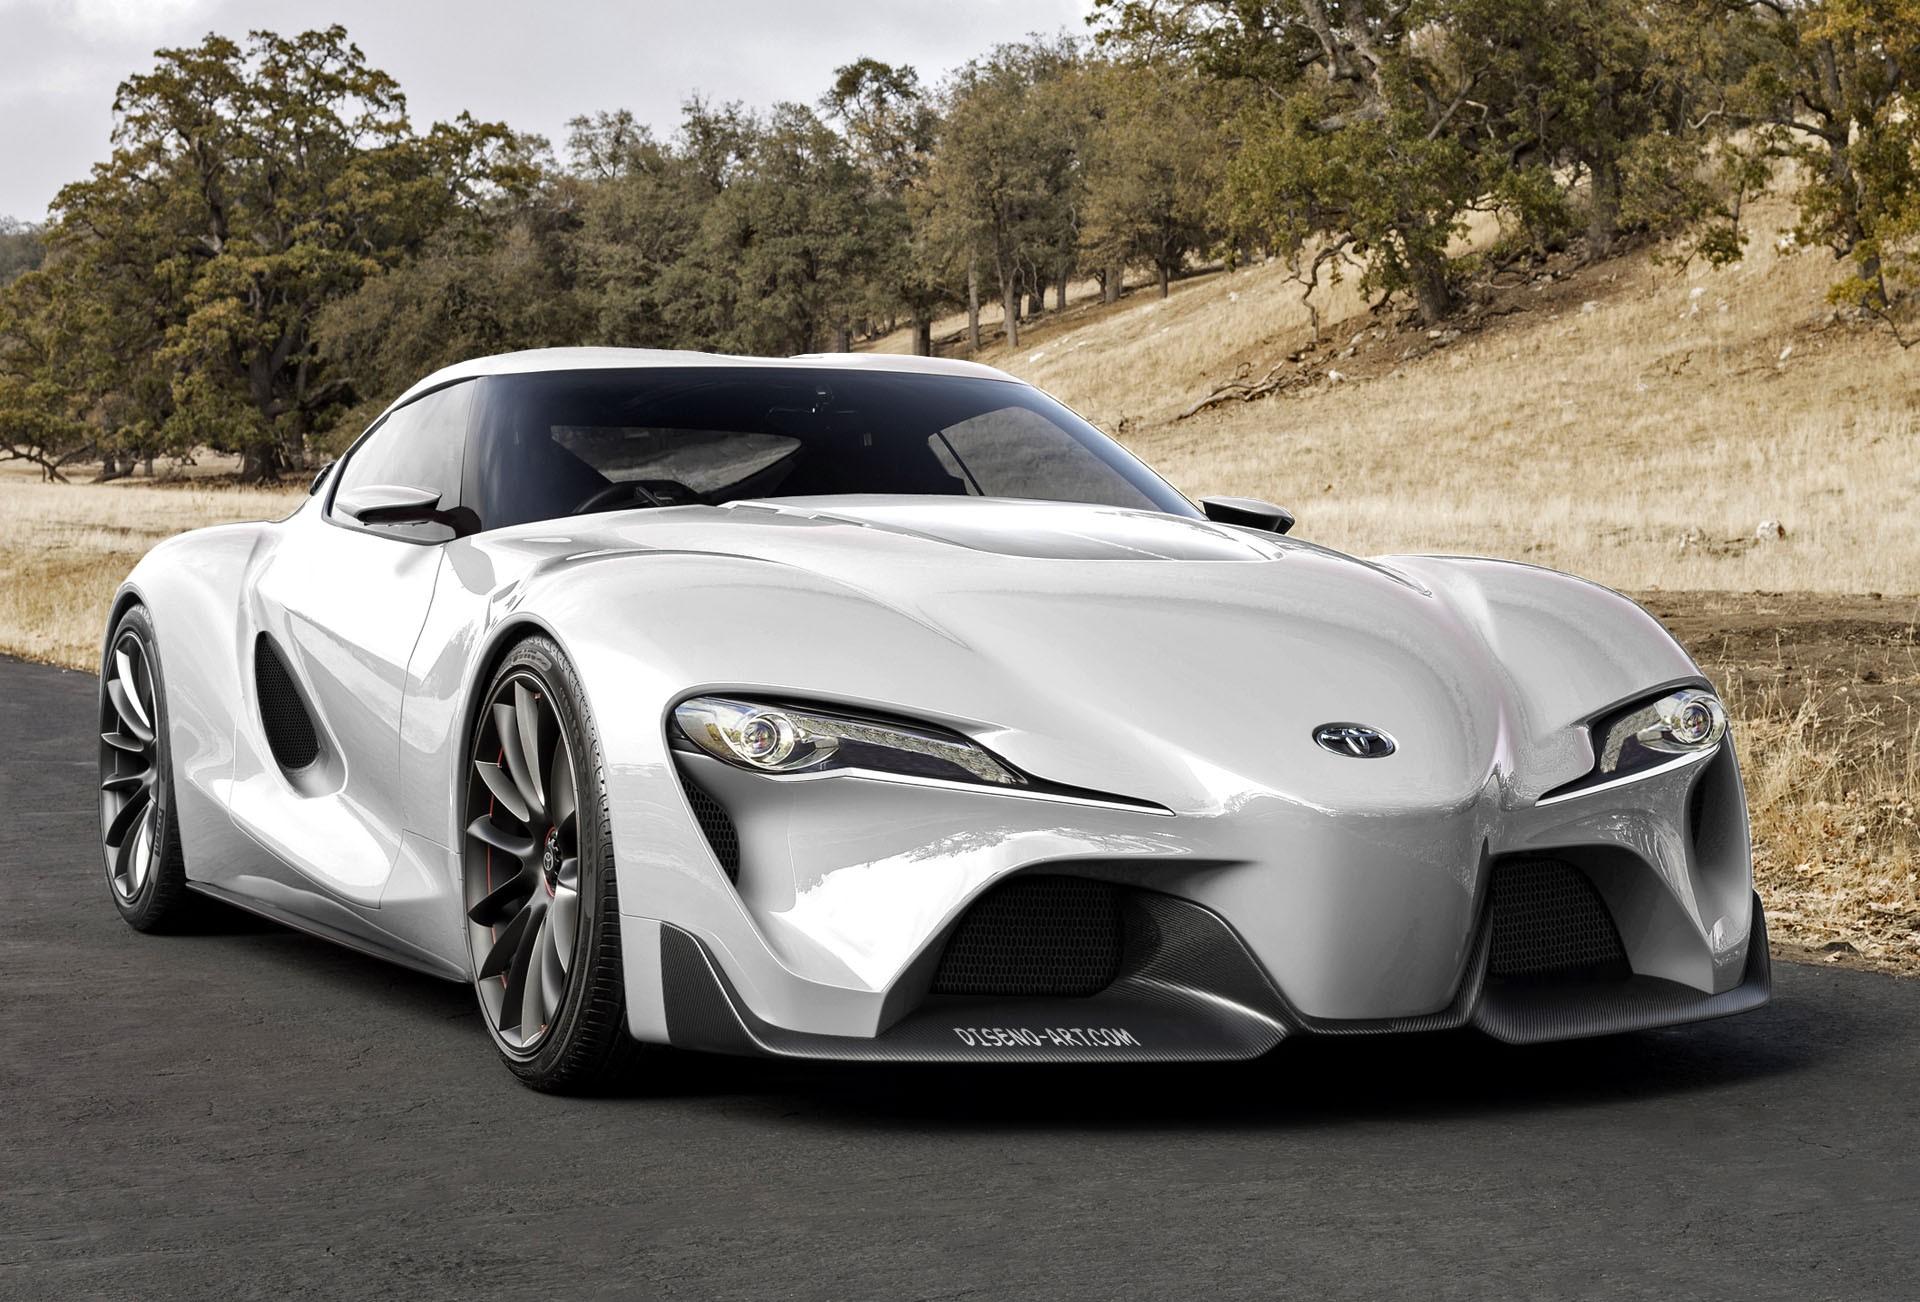 Концептуальное купе Тоёта Supra официально дебютирует втечении следующего  ...